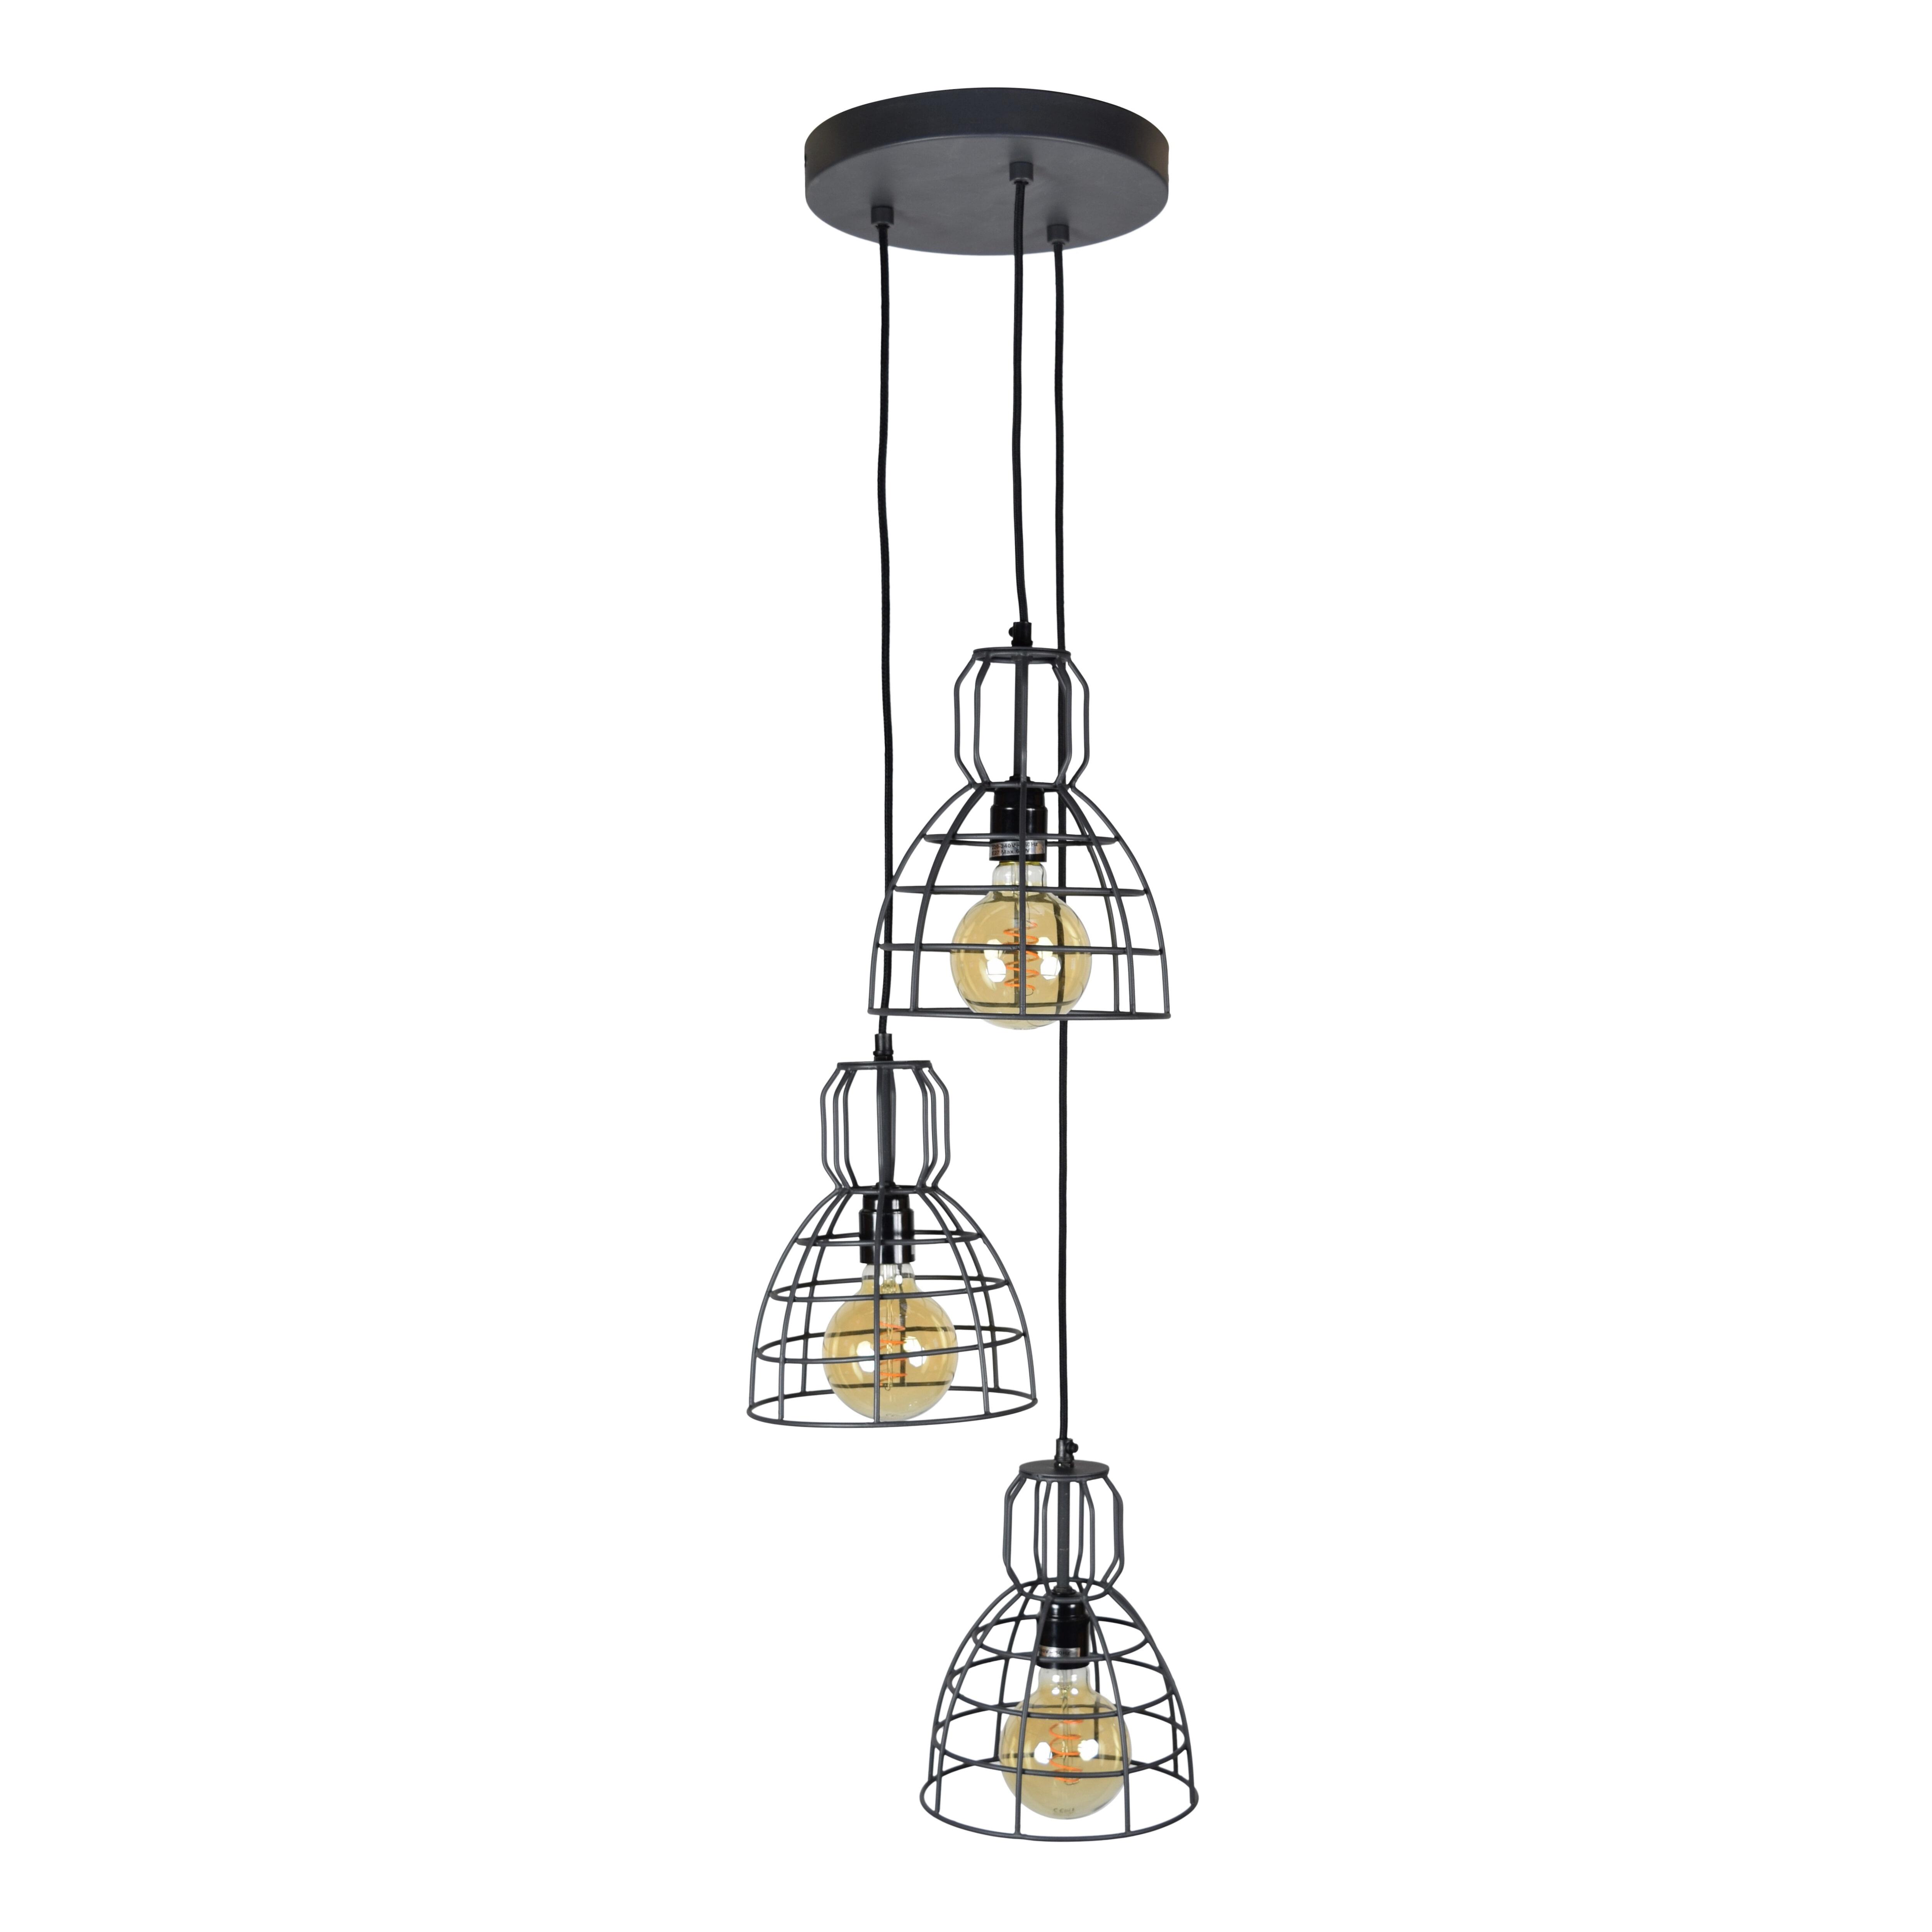 Urban Interiors hanglamp 3-lichts, kleur Vintage Black Verlichting   Hanglampen vergelijken doe je het voordeligst hier bij Meubelpartner